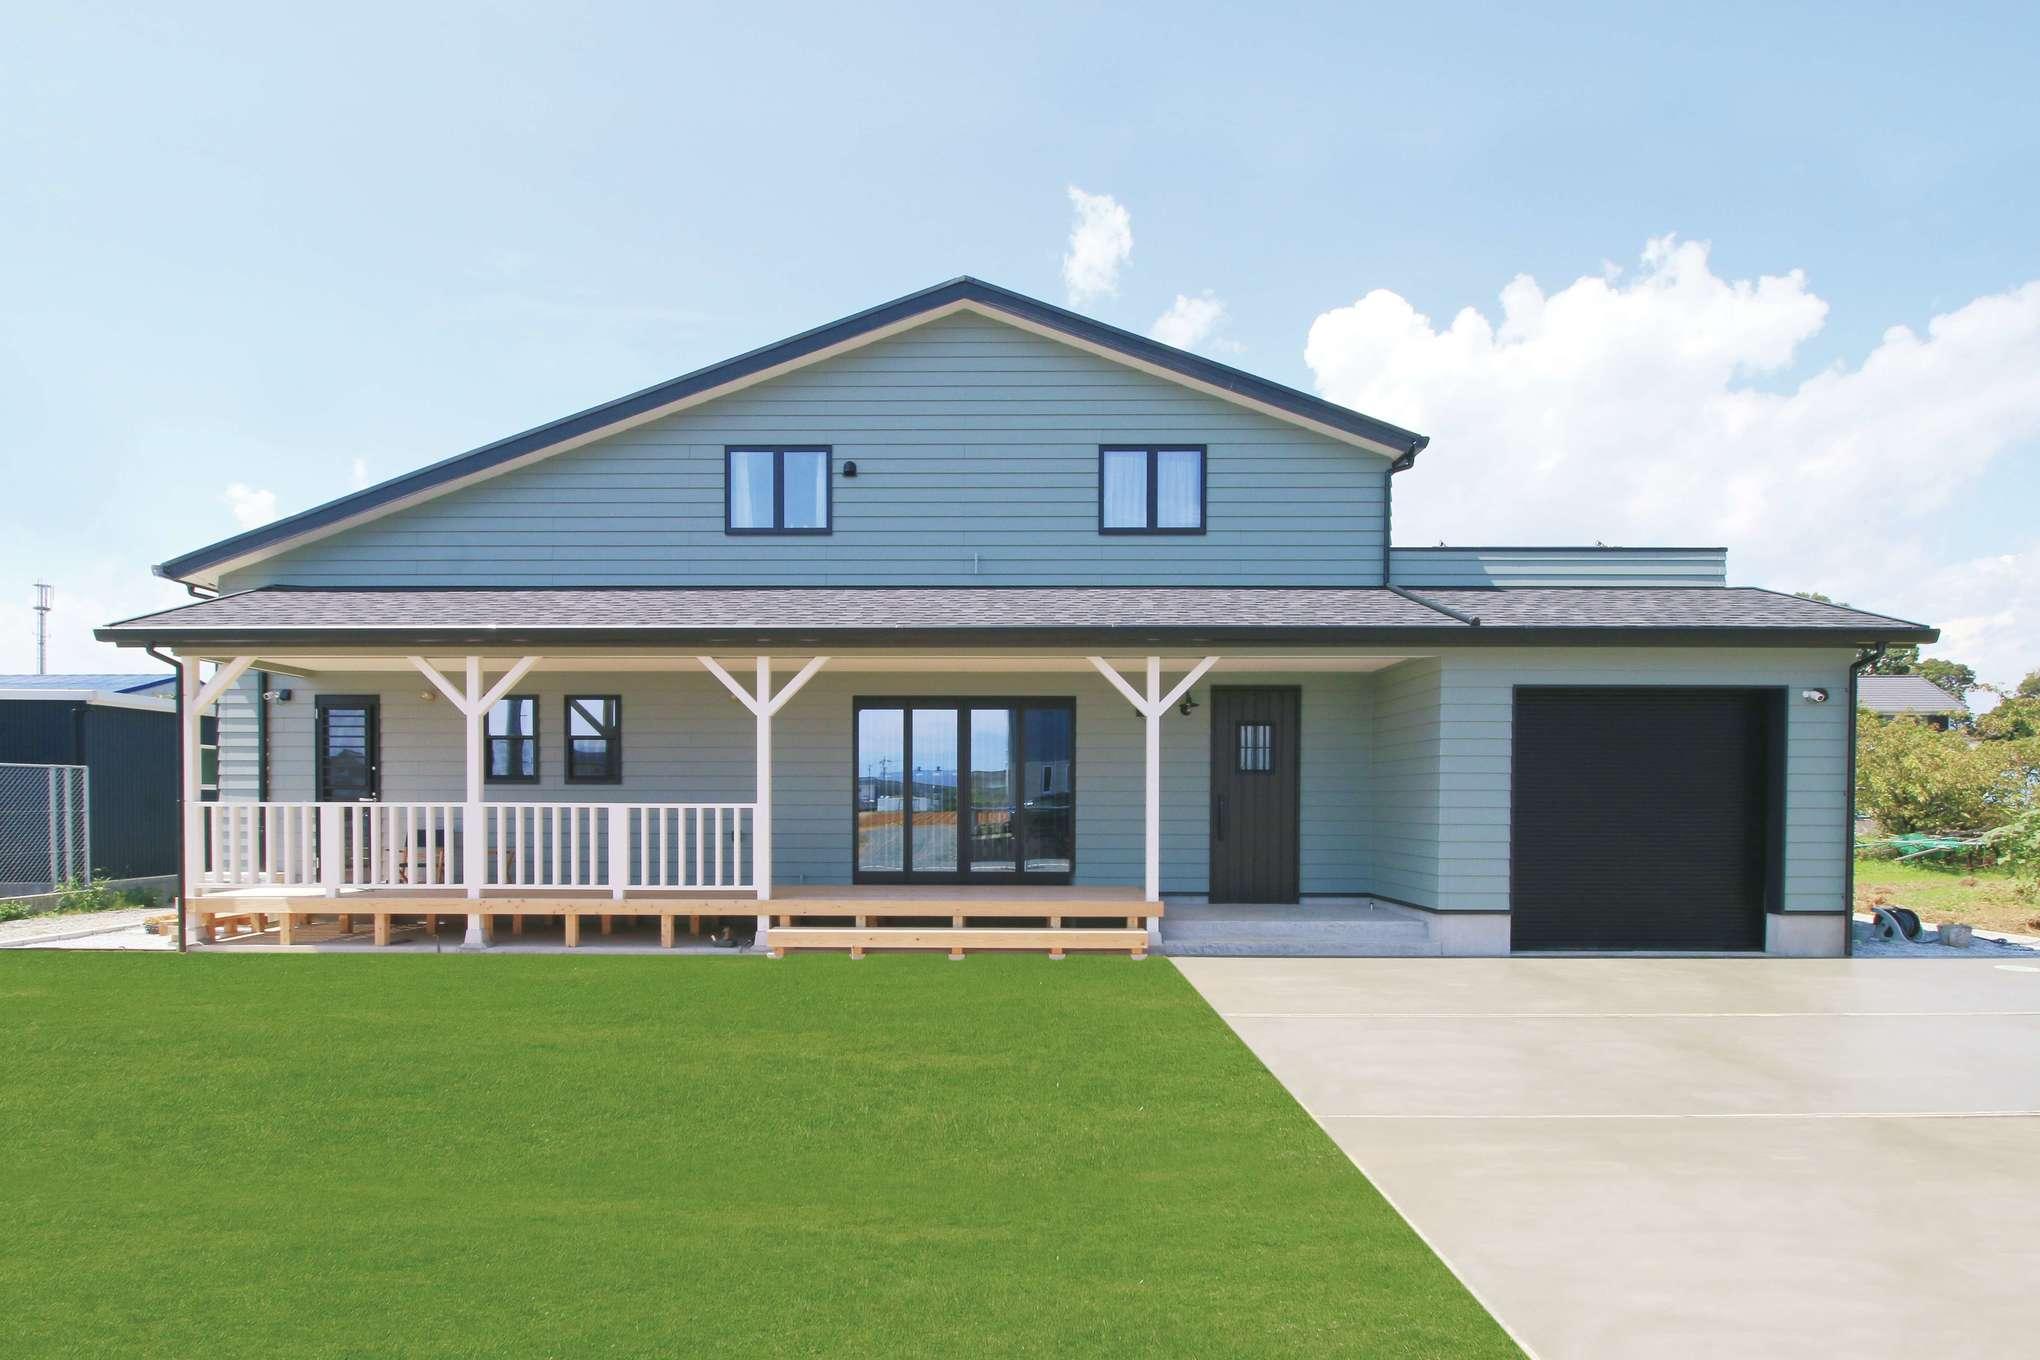 木場建築設計 KIBA-AD【デザイン住宅、屋上バルコニー、趣味】アンティークグリーンのラップサイディングが青空に映えるアメリカンスタイルの外観。デッキやガレージのスペースも広く多様に活躍